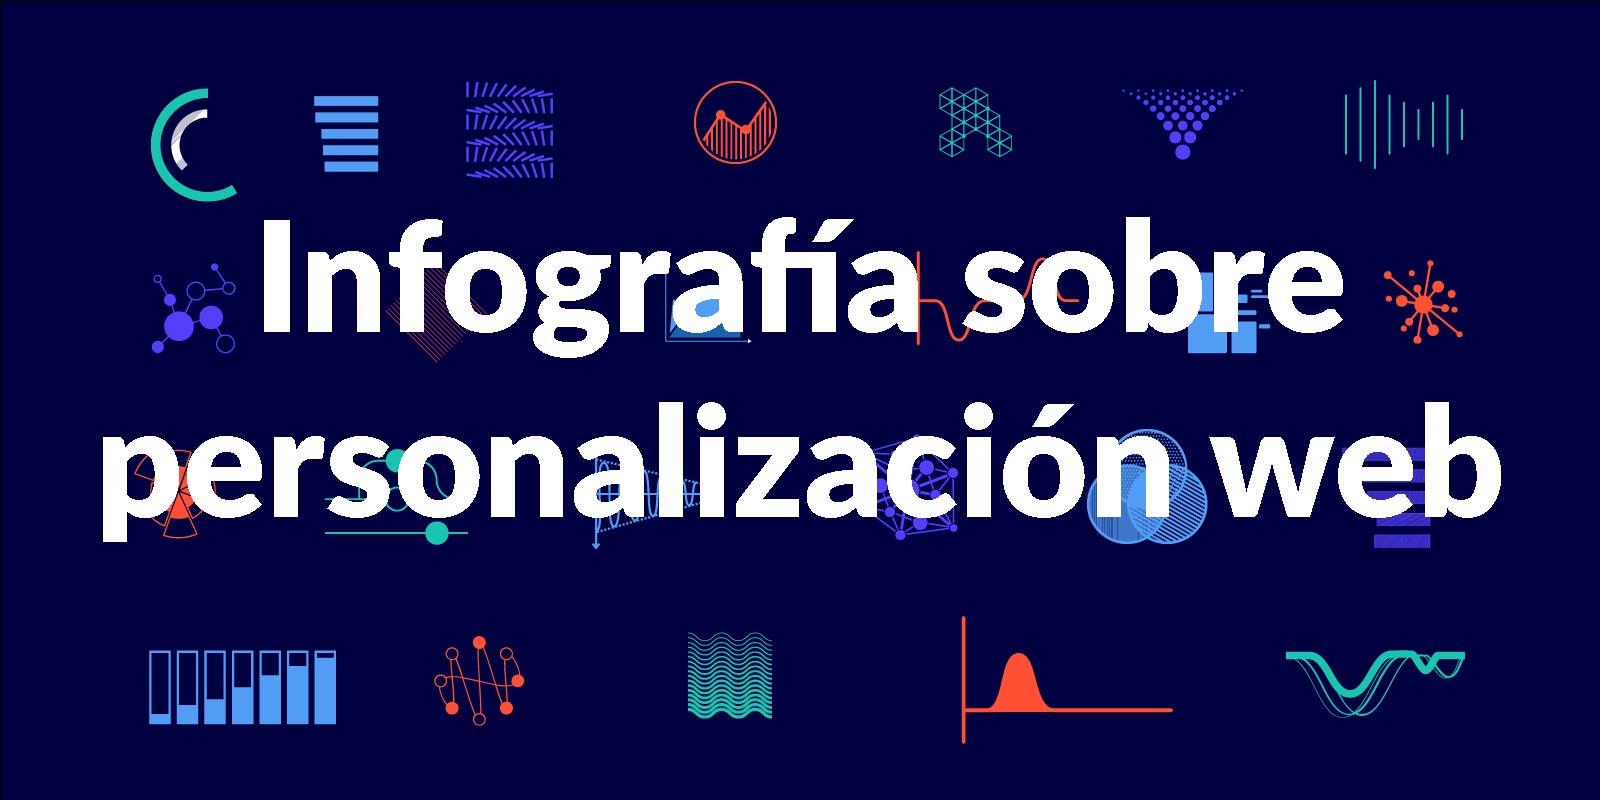 Infografía sobre personalización web